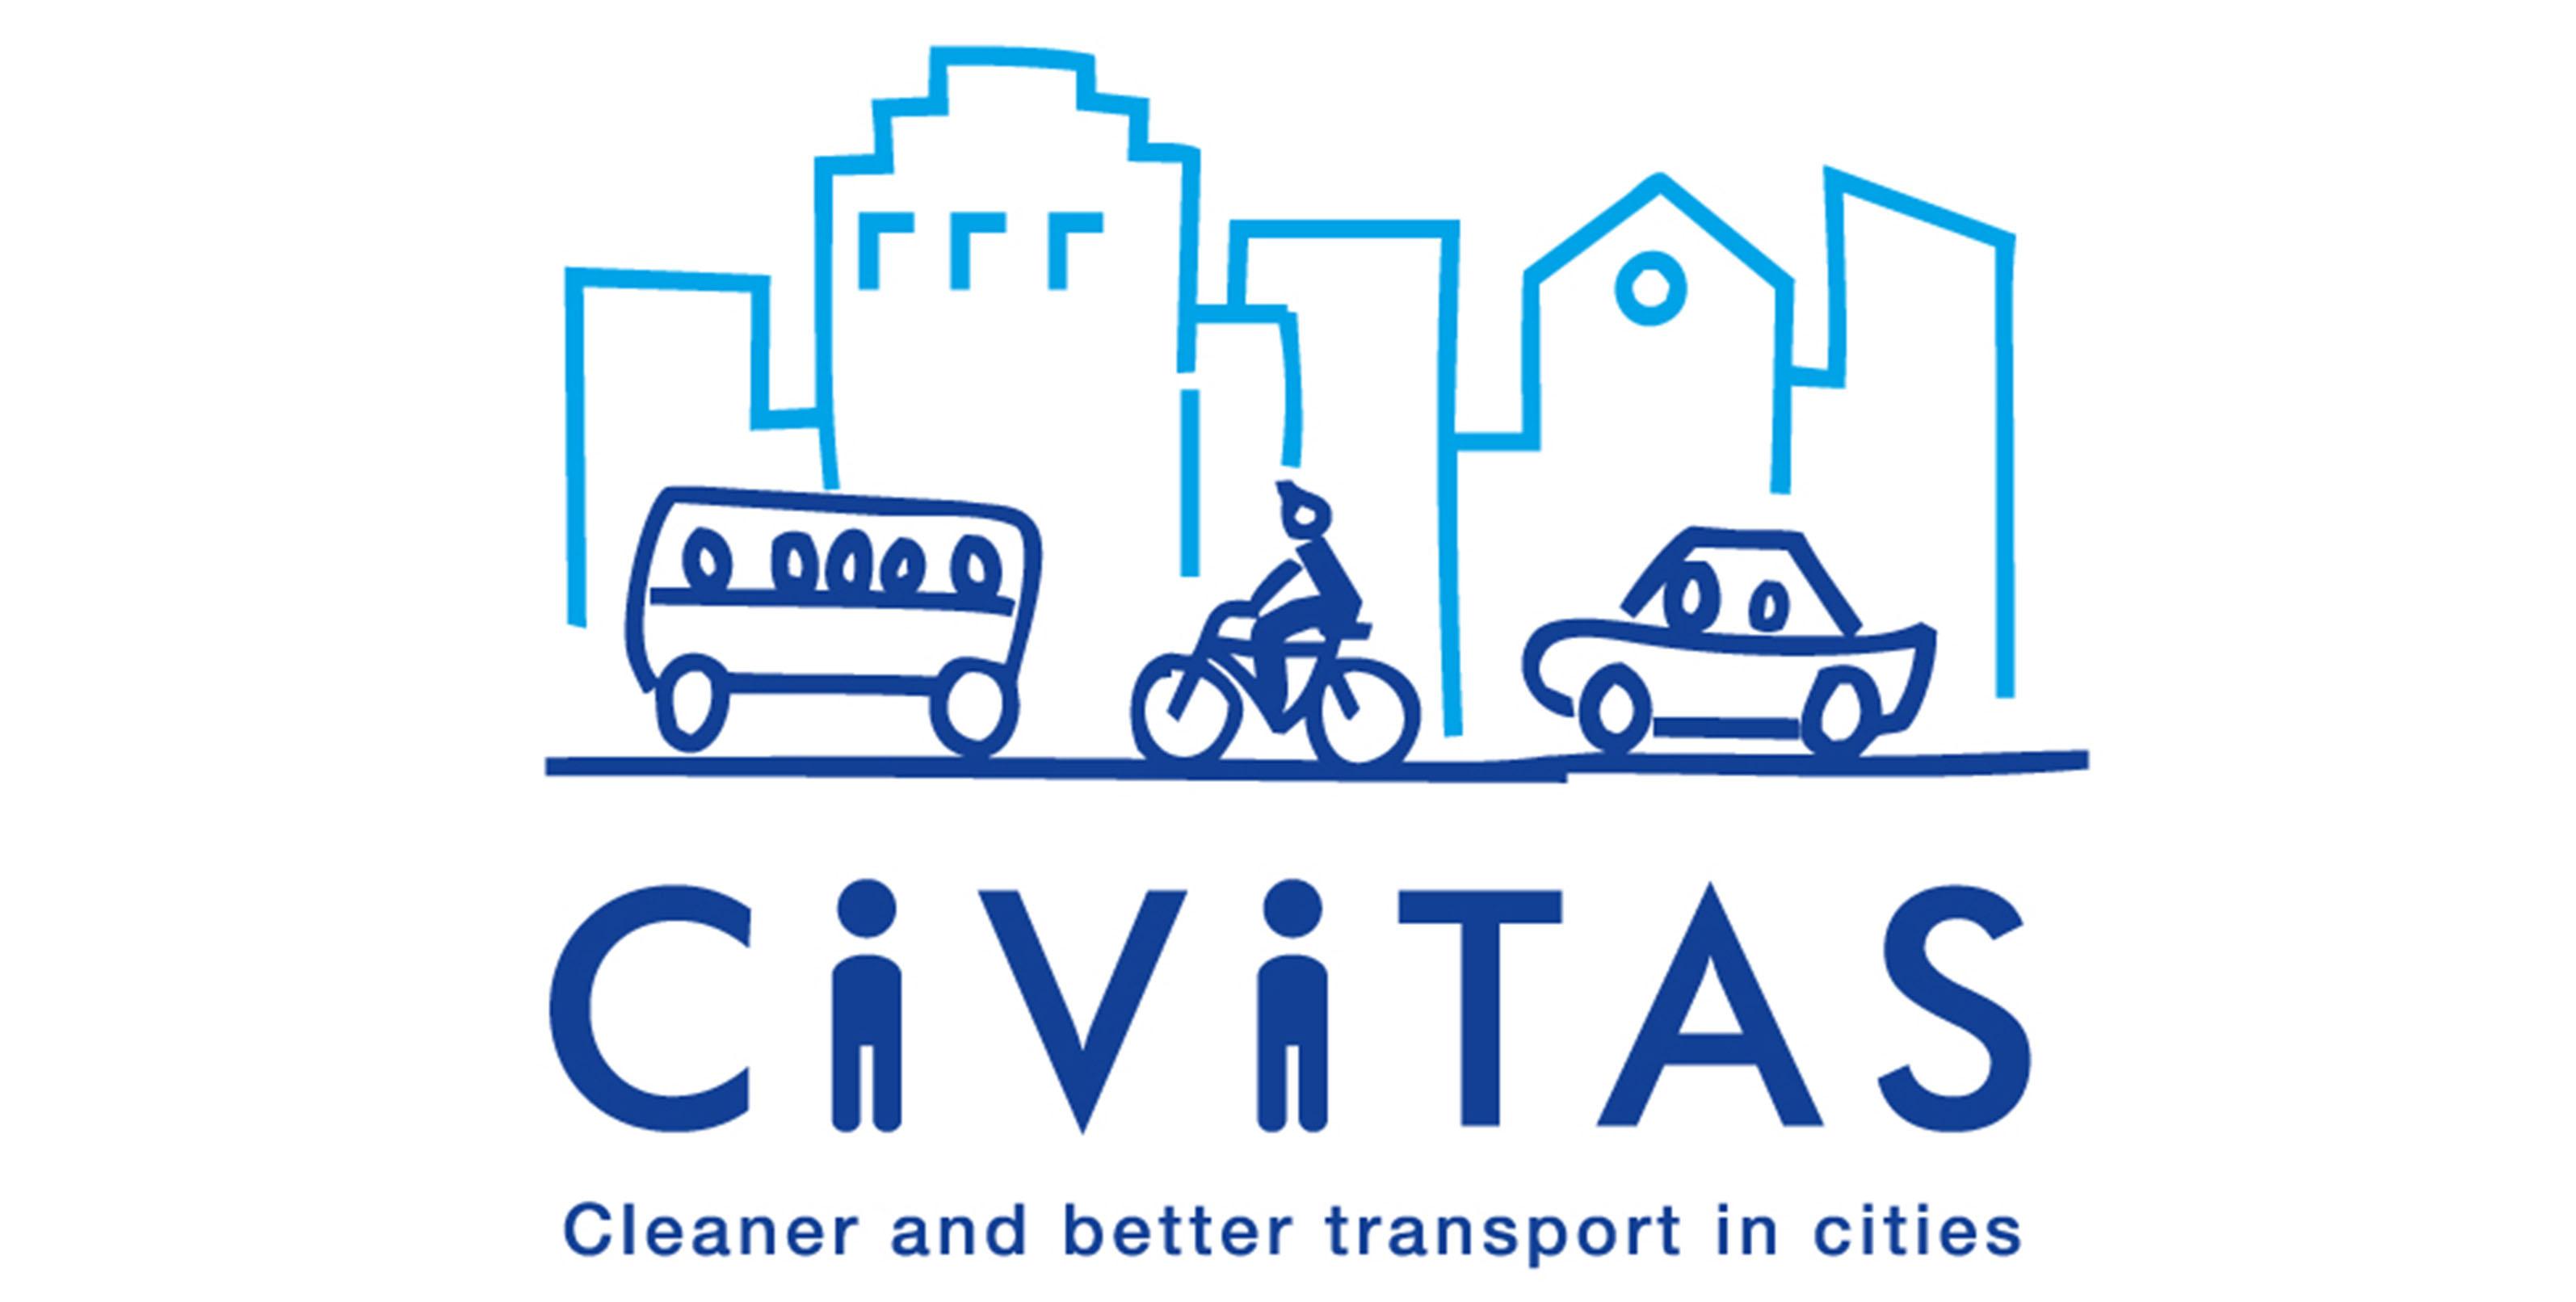 Barcelona apuesta por carriles bici segregados y junto a la calzada